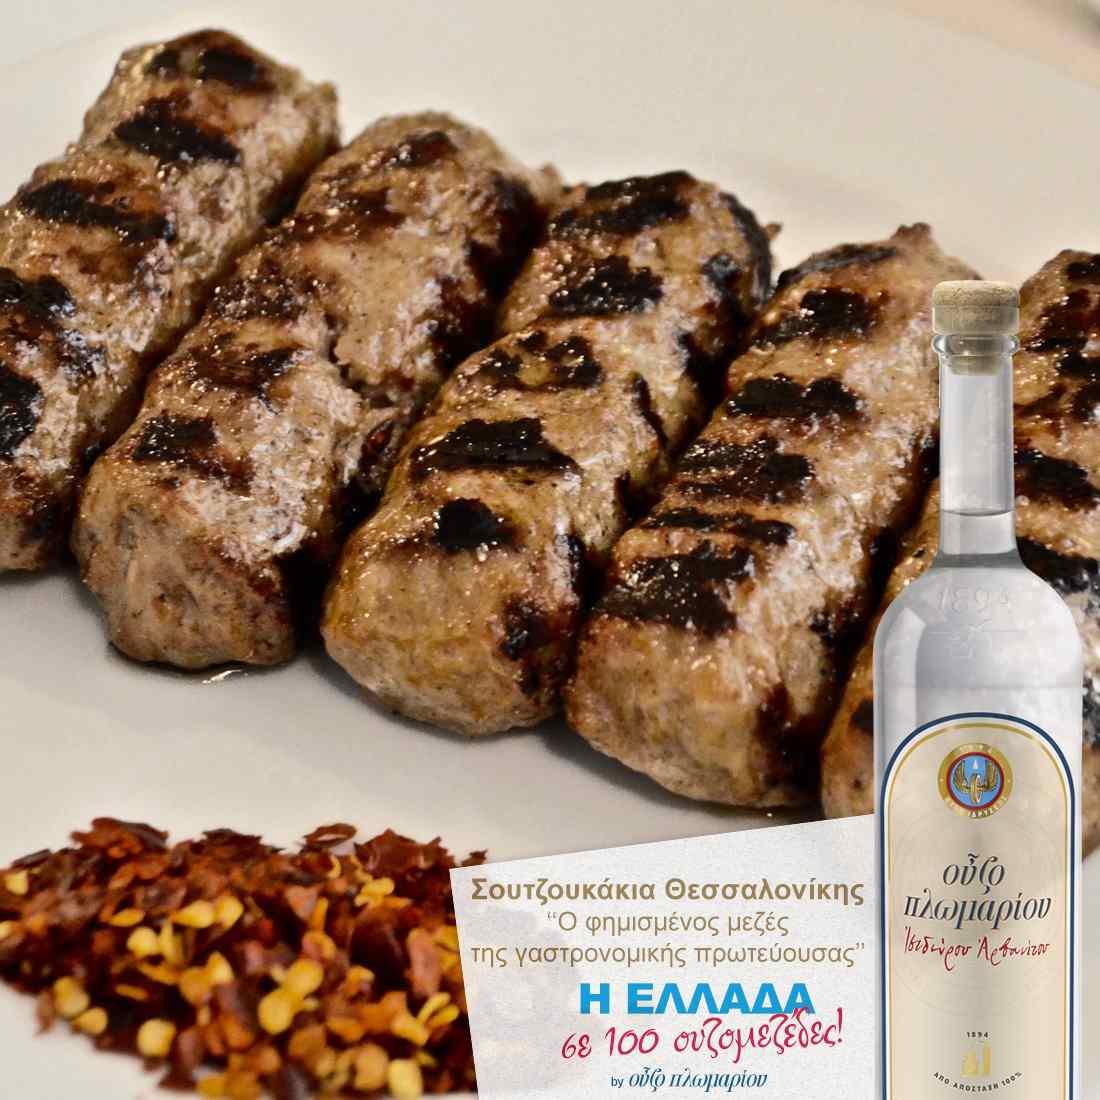 Σουτζουκάκια Θεσσαλονίκης - Ουζομεζέδες - Greek Gastronomy Guide